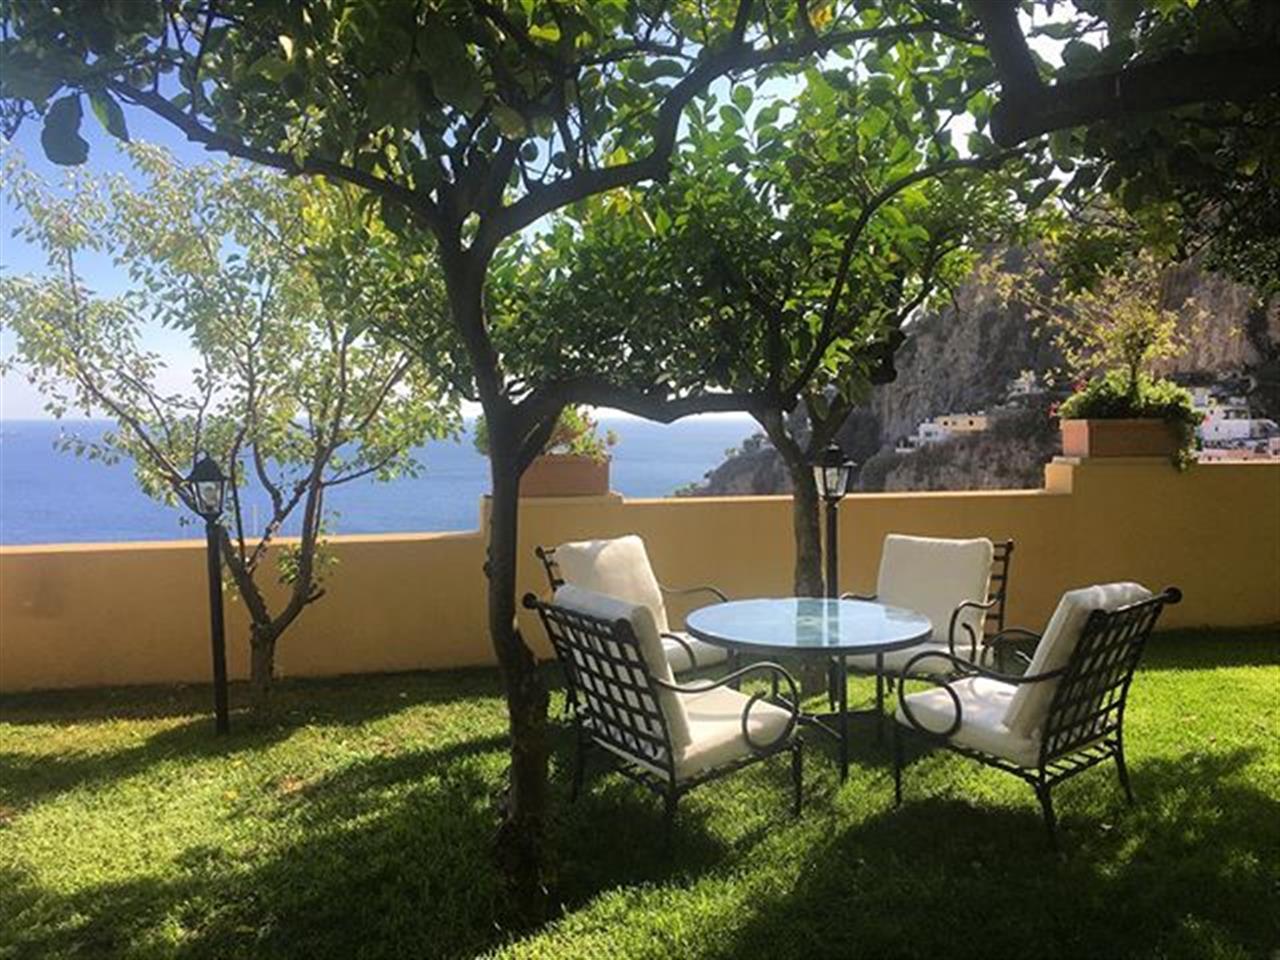 A quiet garden in #Positano #Italy  #almaficoast #leadingrelocal #bairdwarner